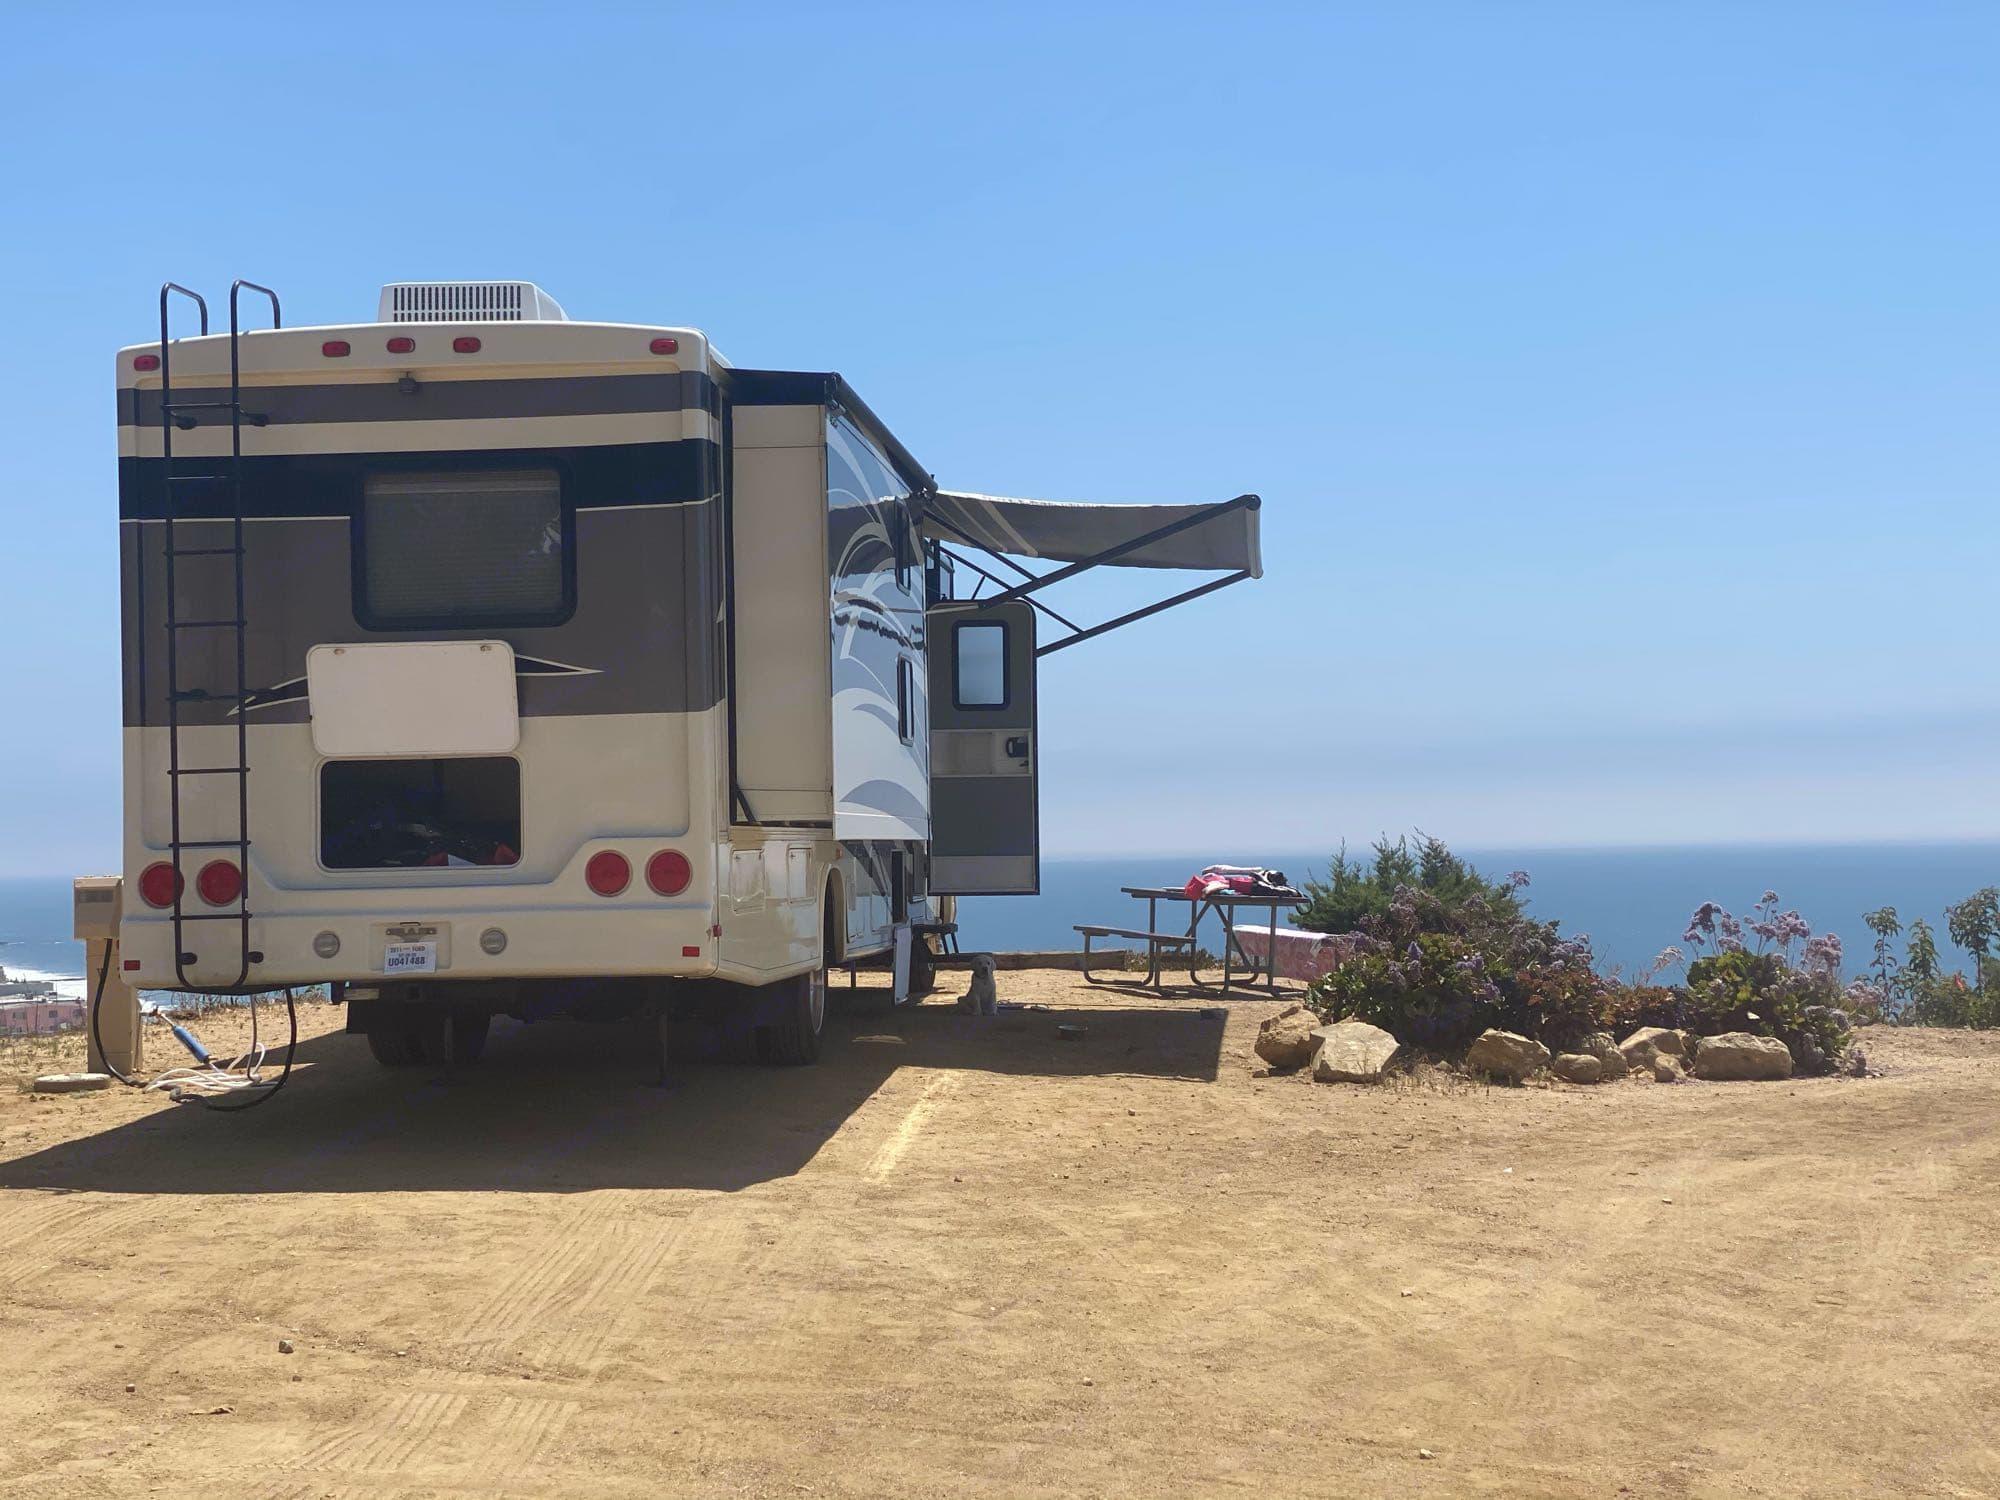 Camped in Malibu, California!. Forest River Georgetown 2012